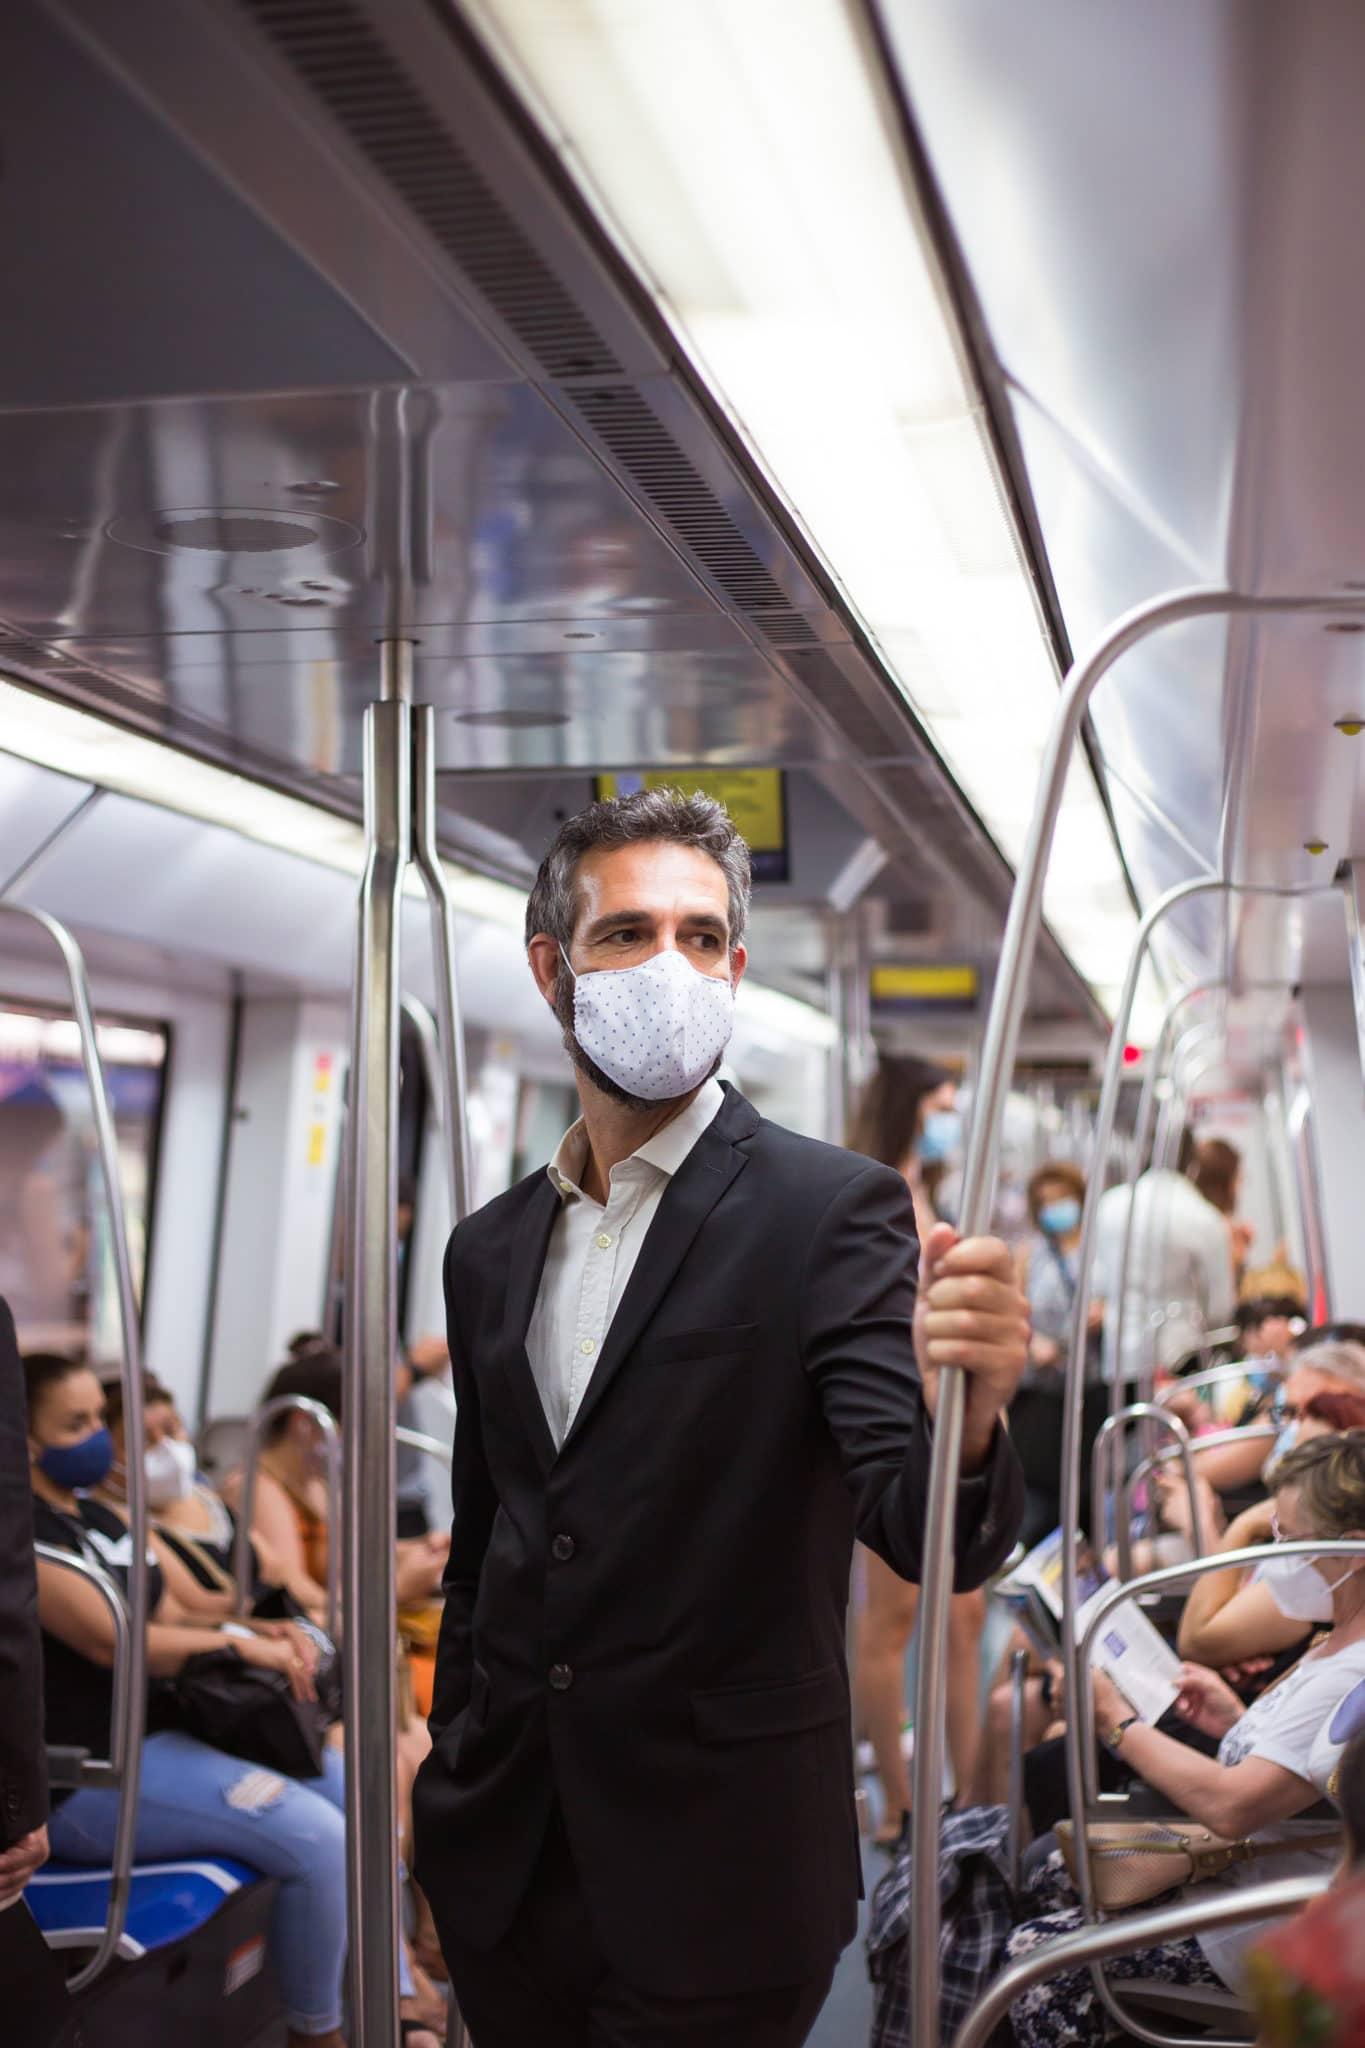 Masks for all